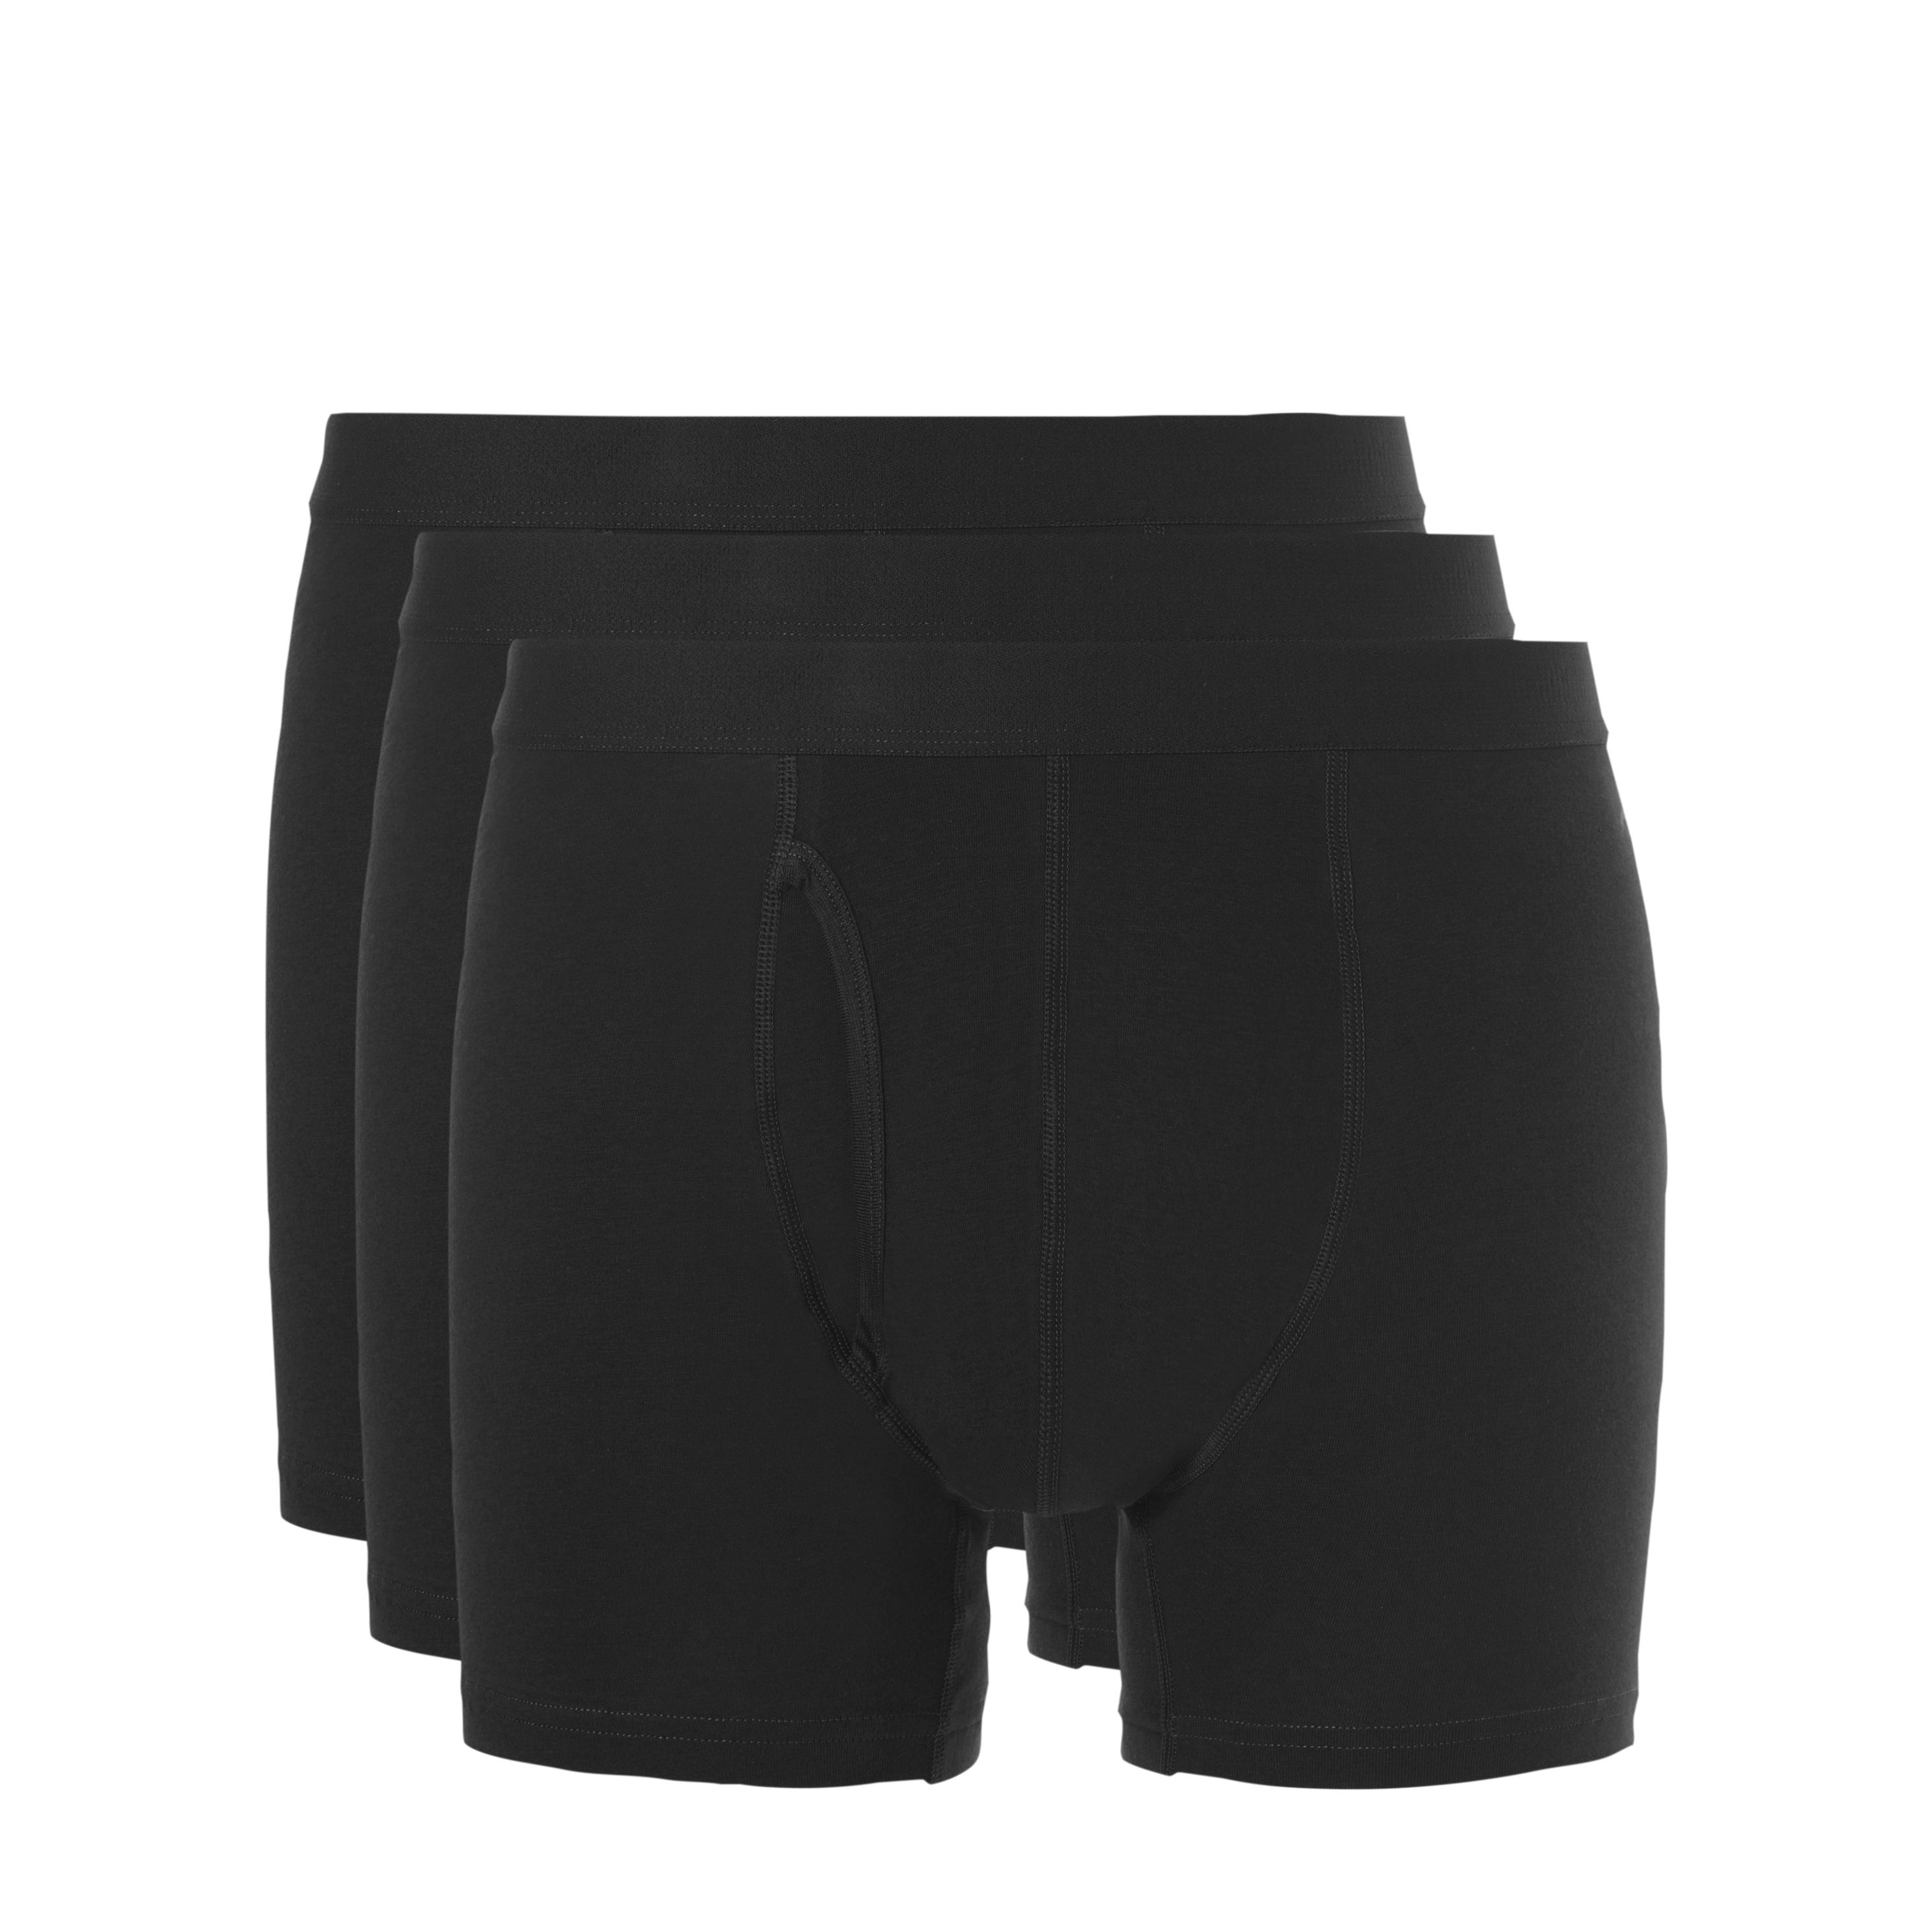 Ten Cate Men Basic boxershorts